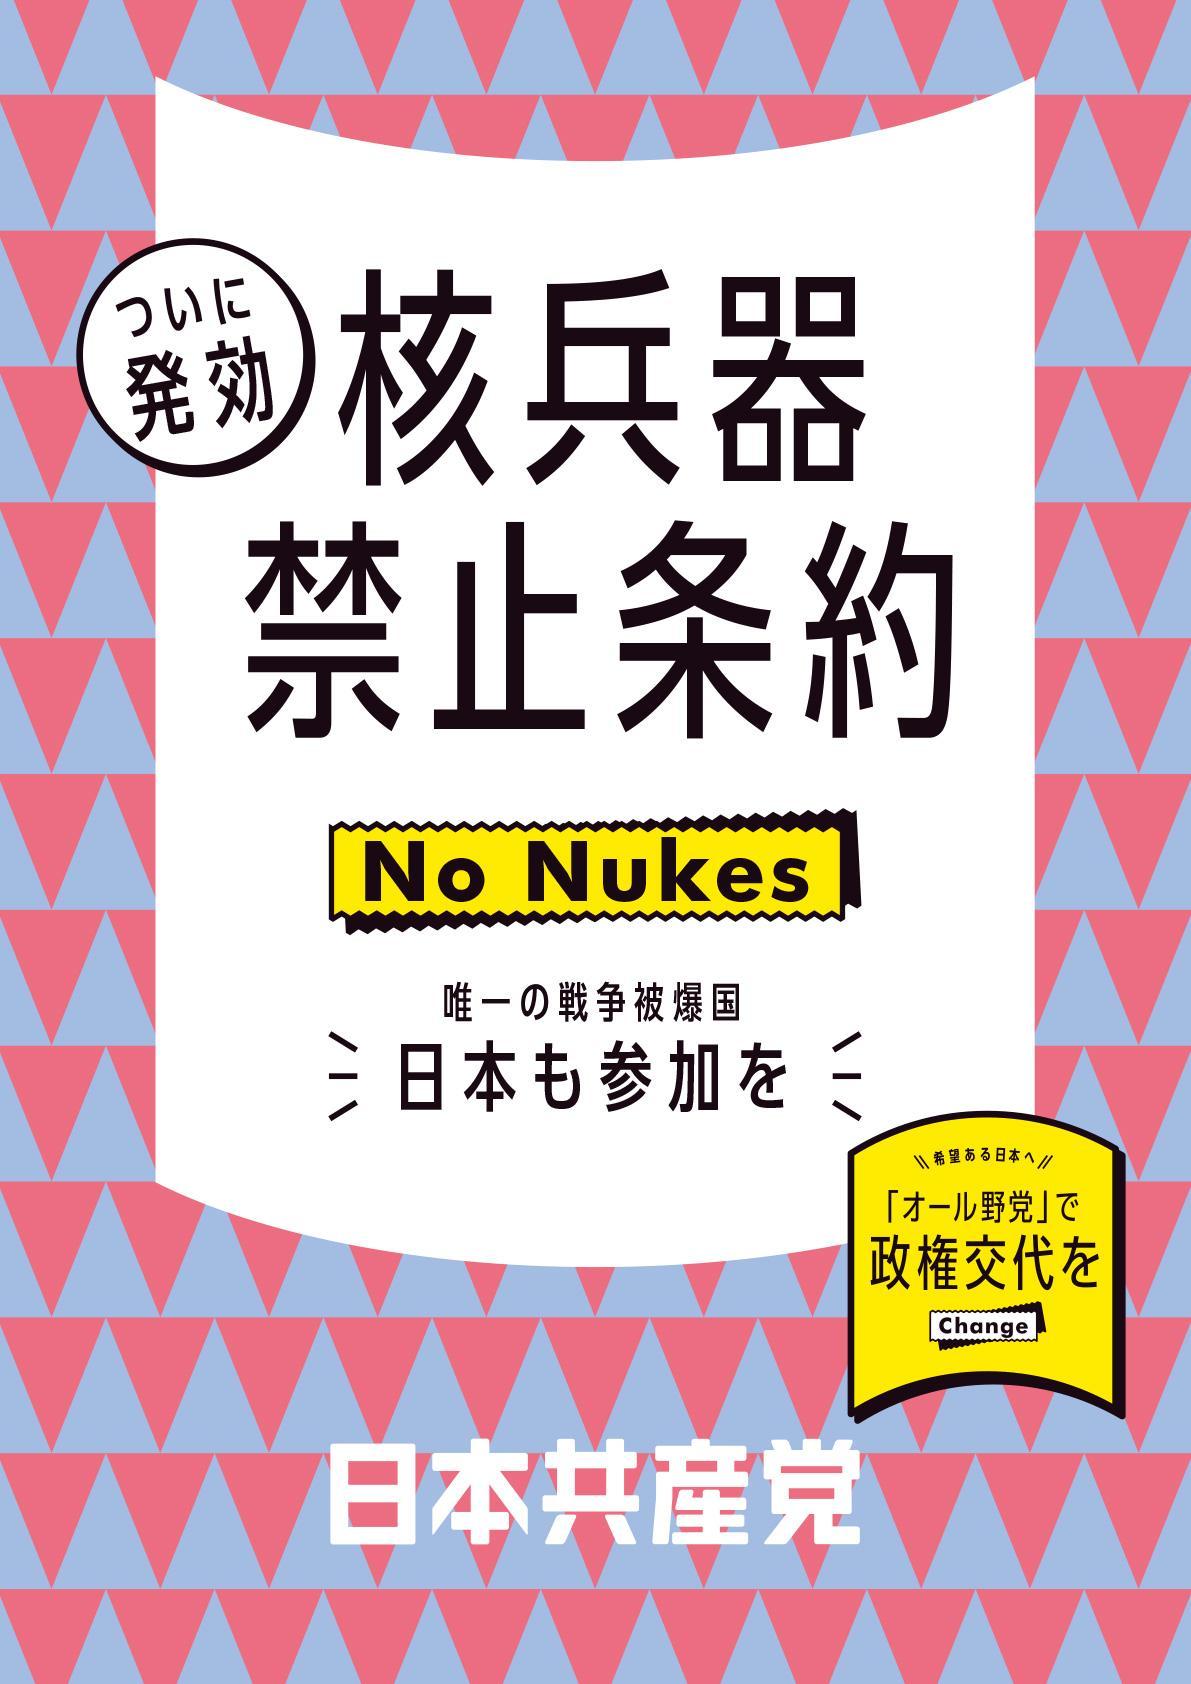 ついに発効 核兵器禁止条約 唯一の戦争被爆国 日本も参加を